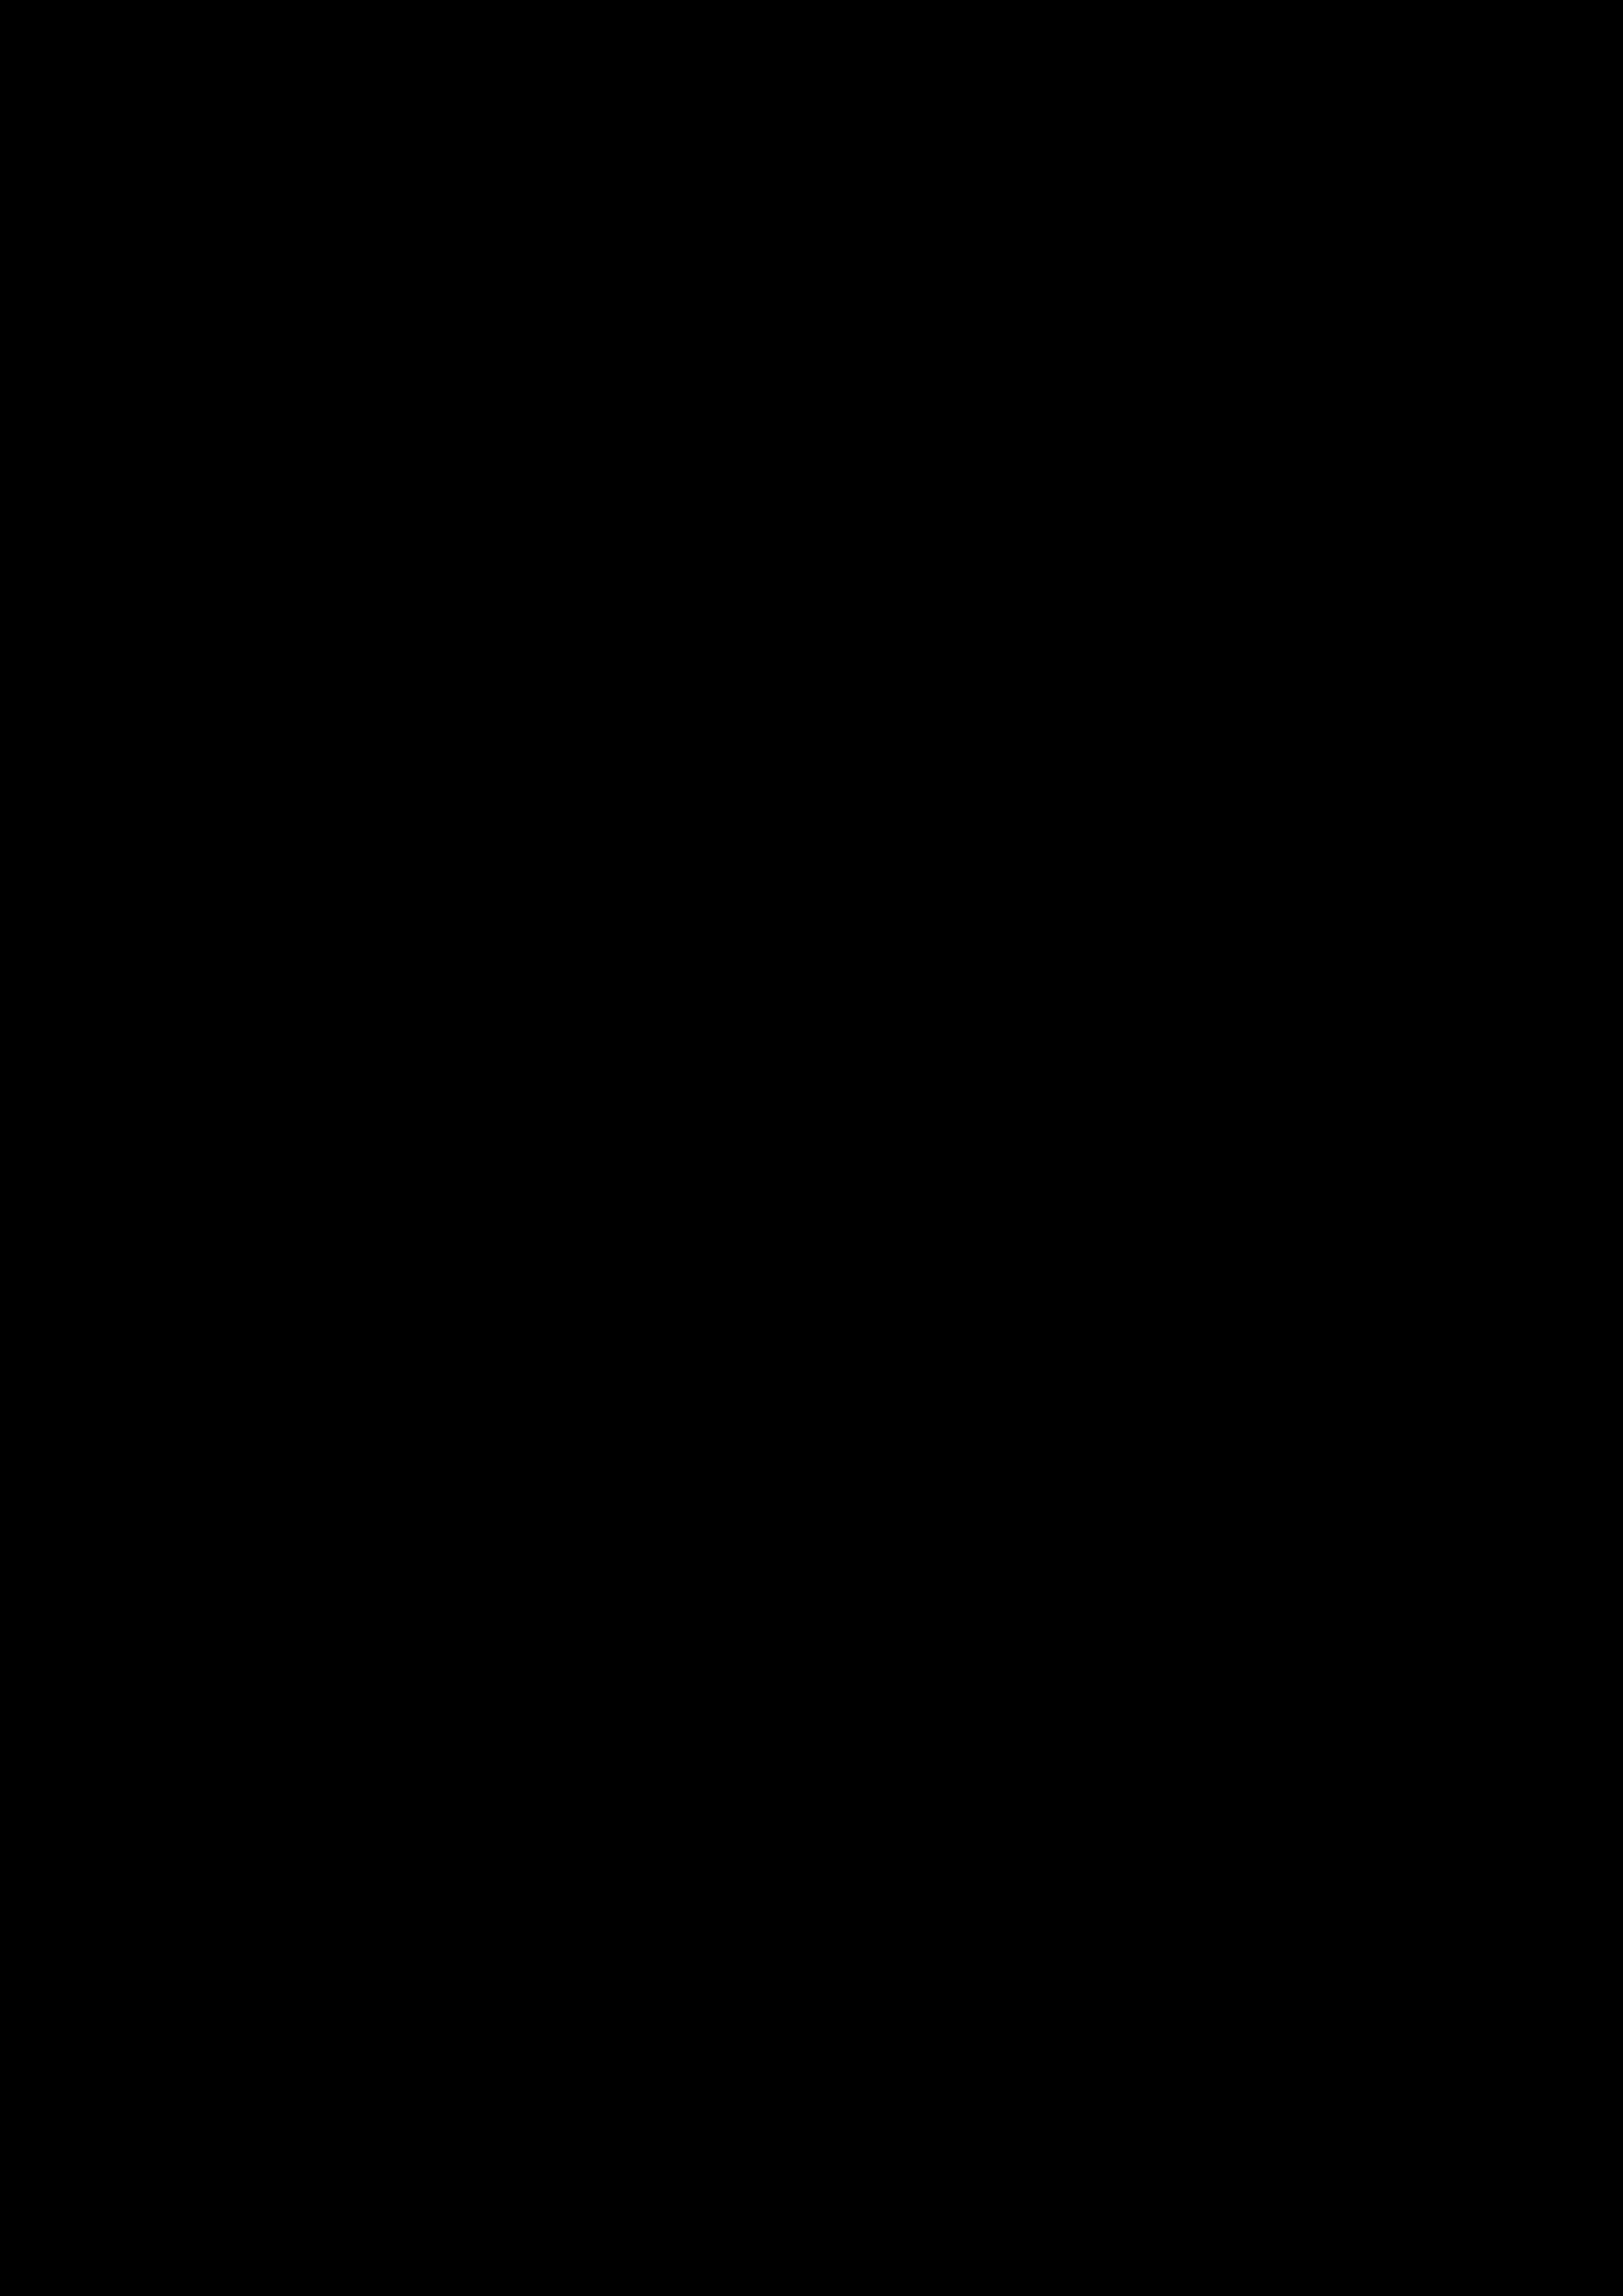 14528BG's pdf picture 2